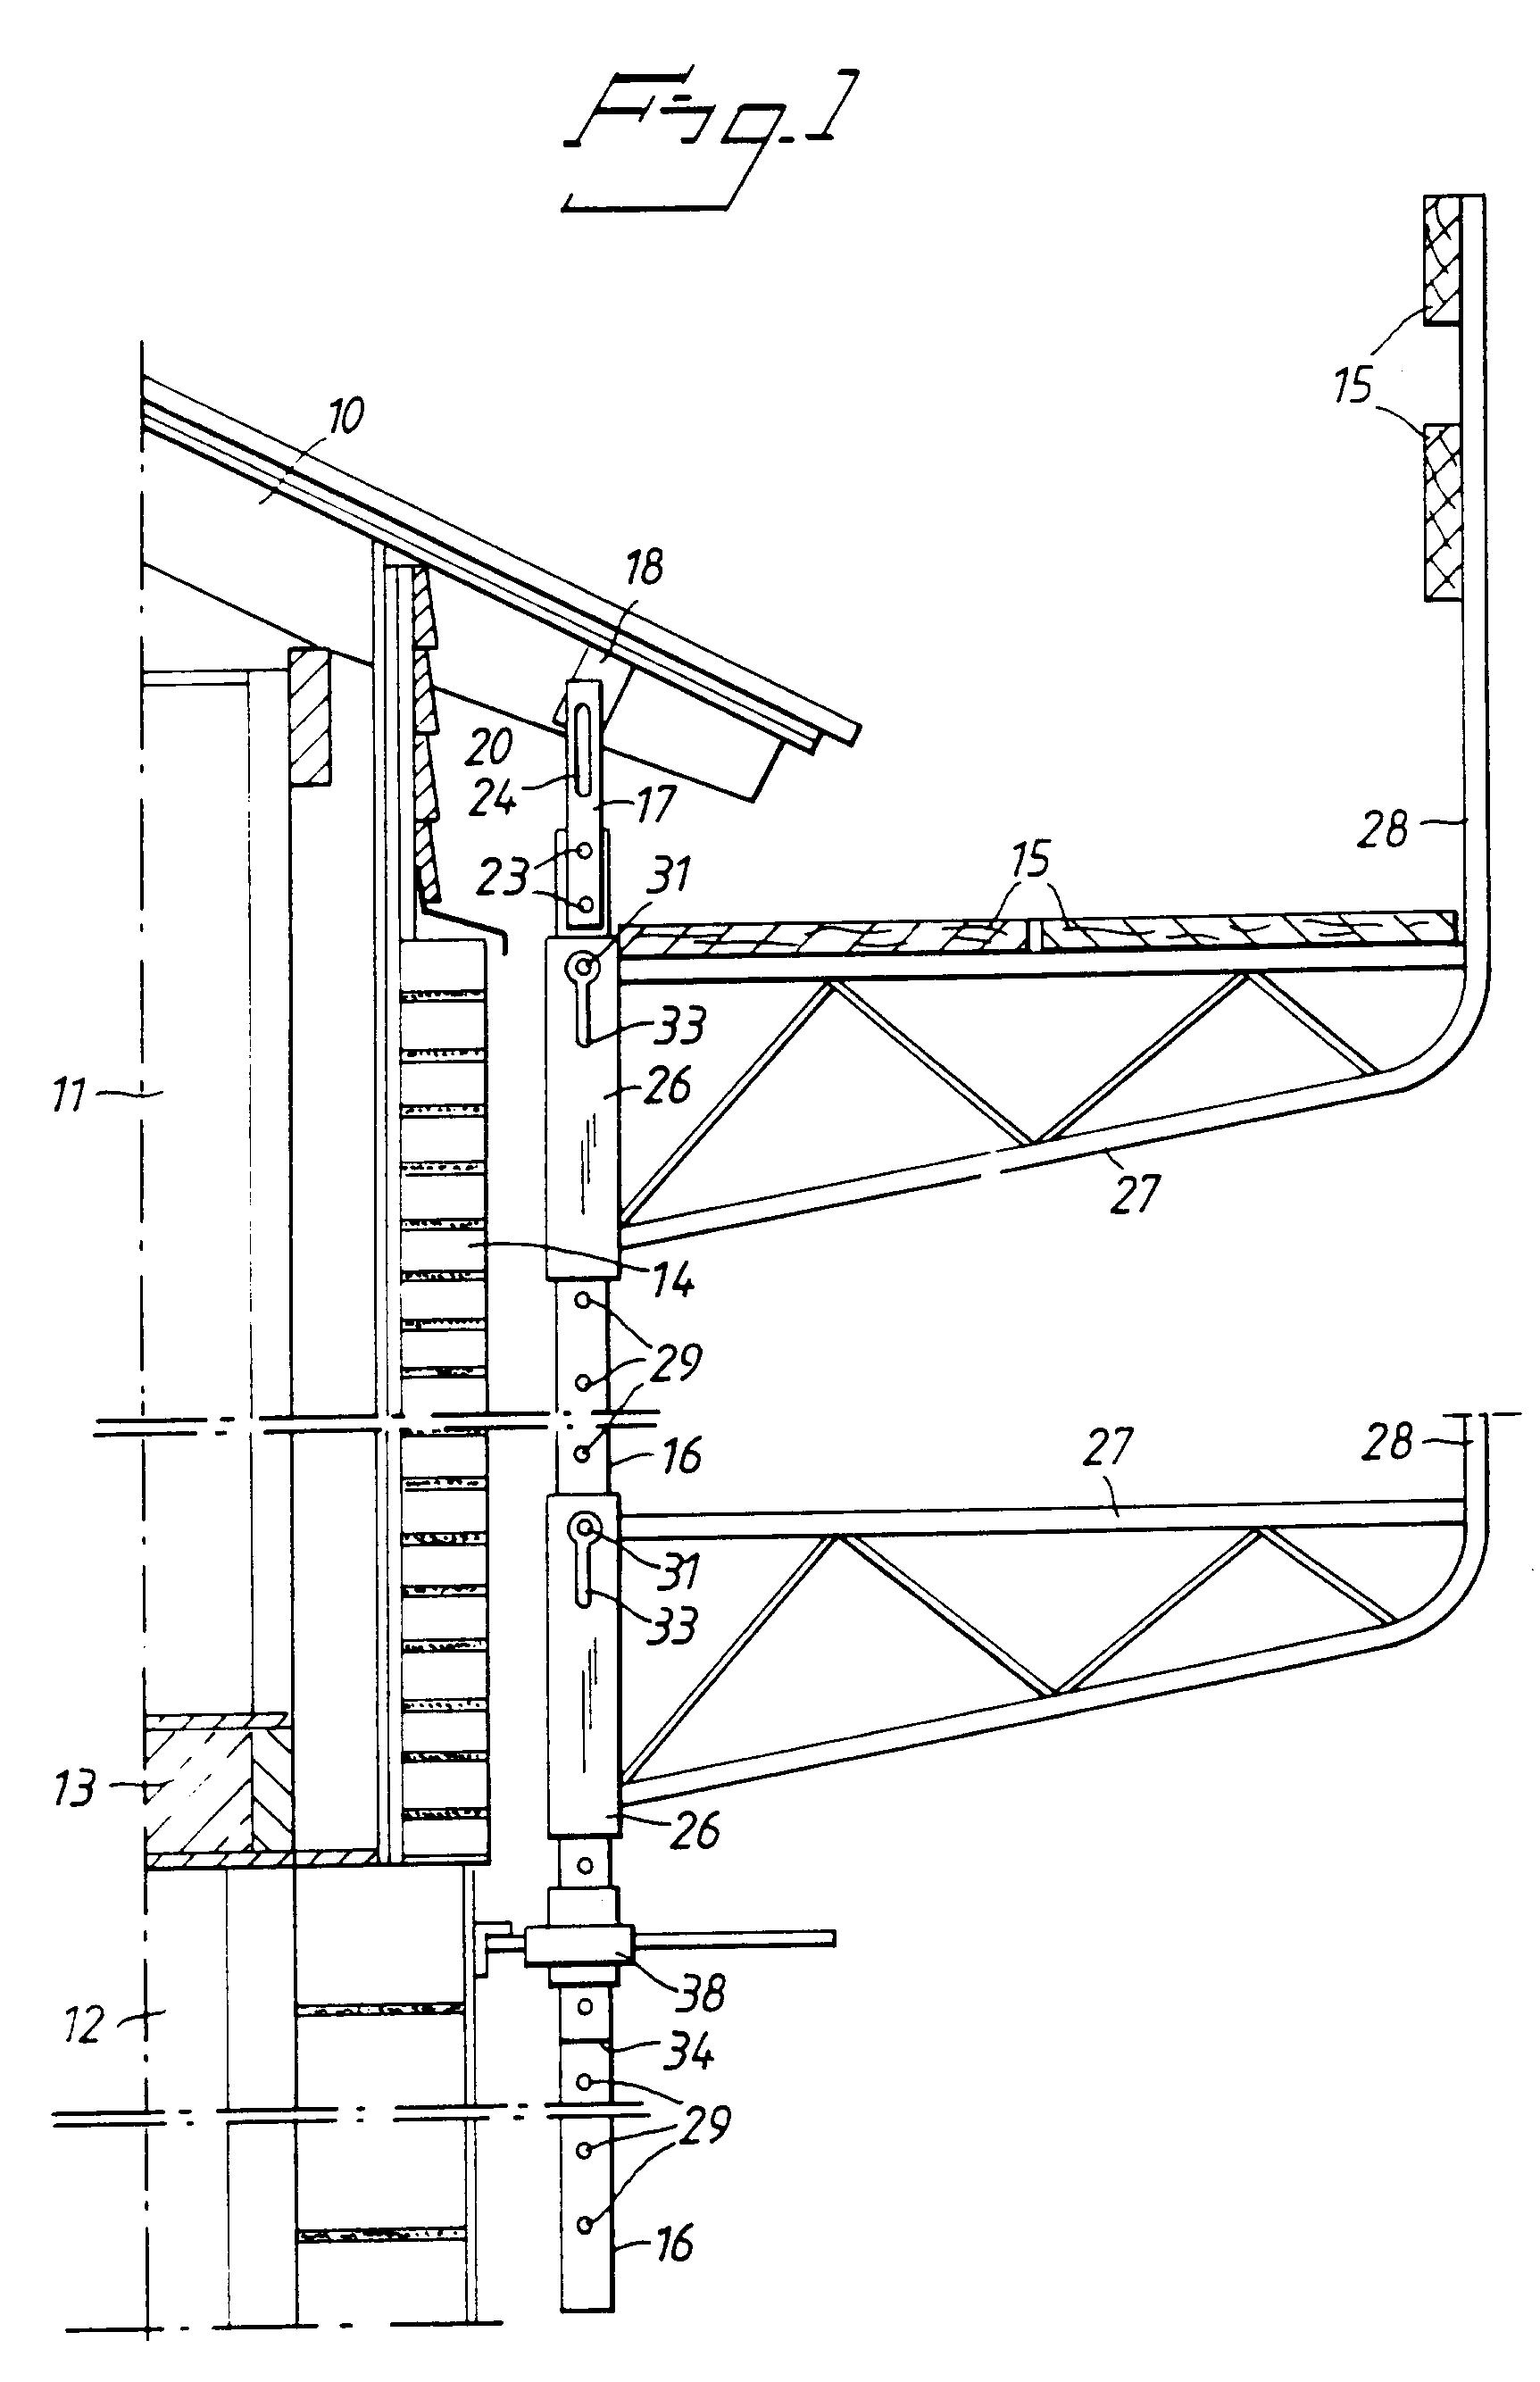 Diagram Of Pergola